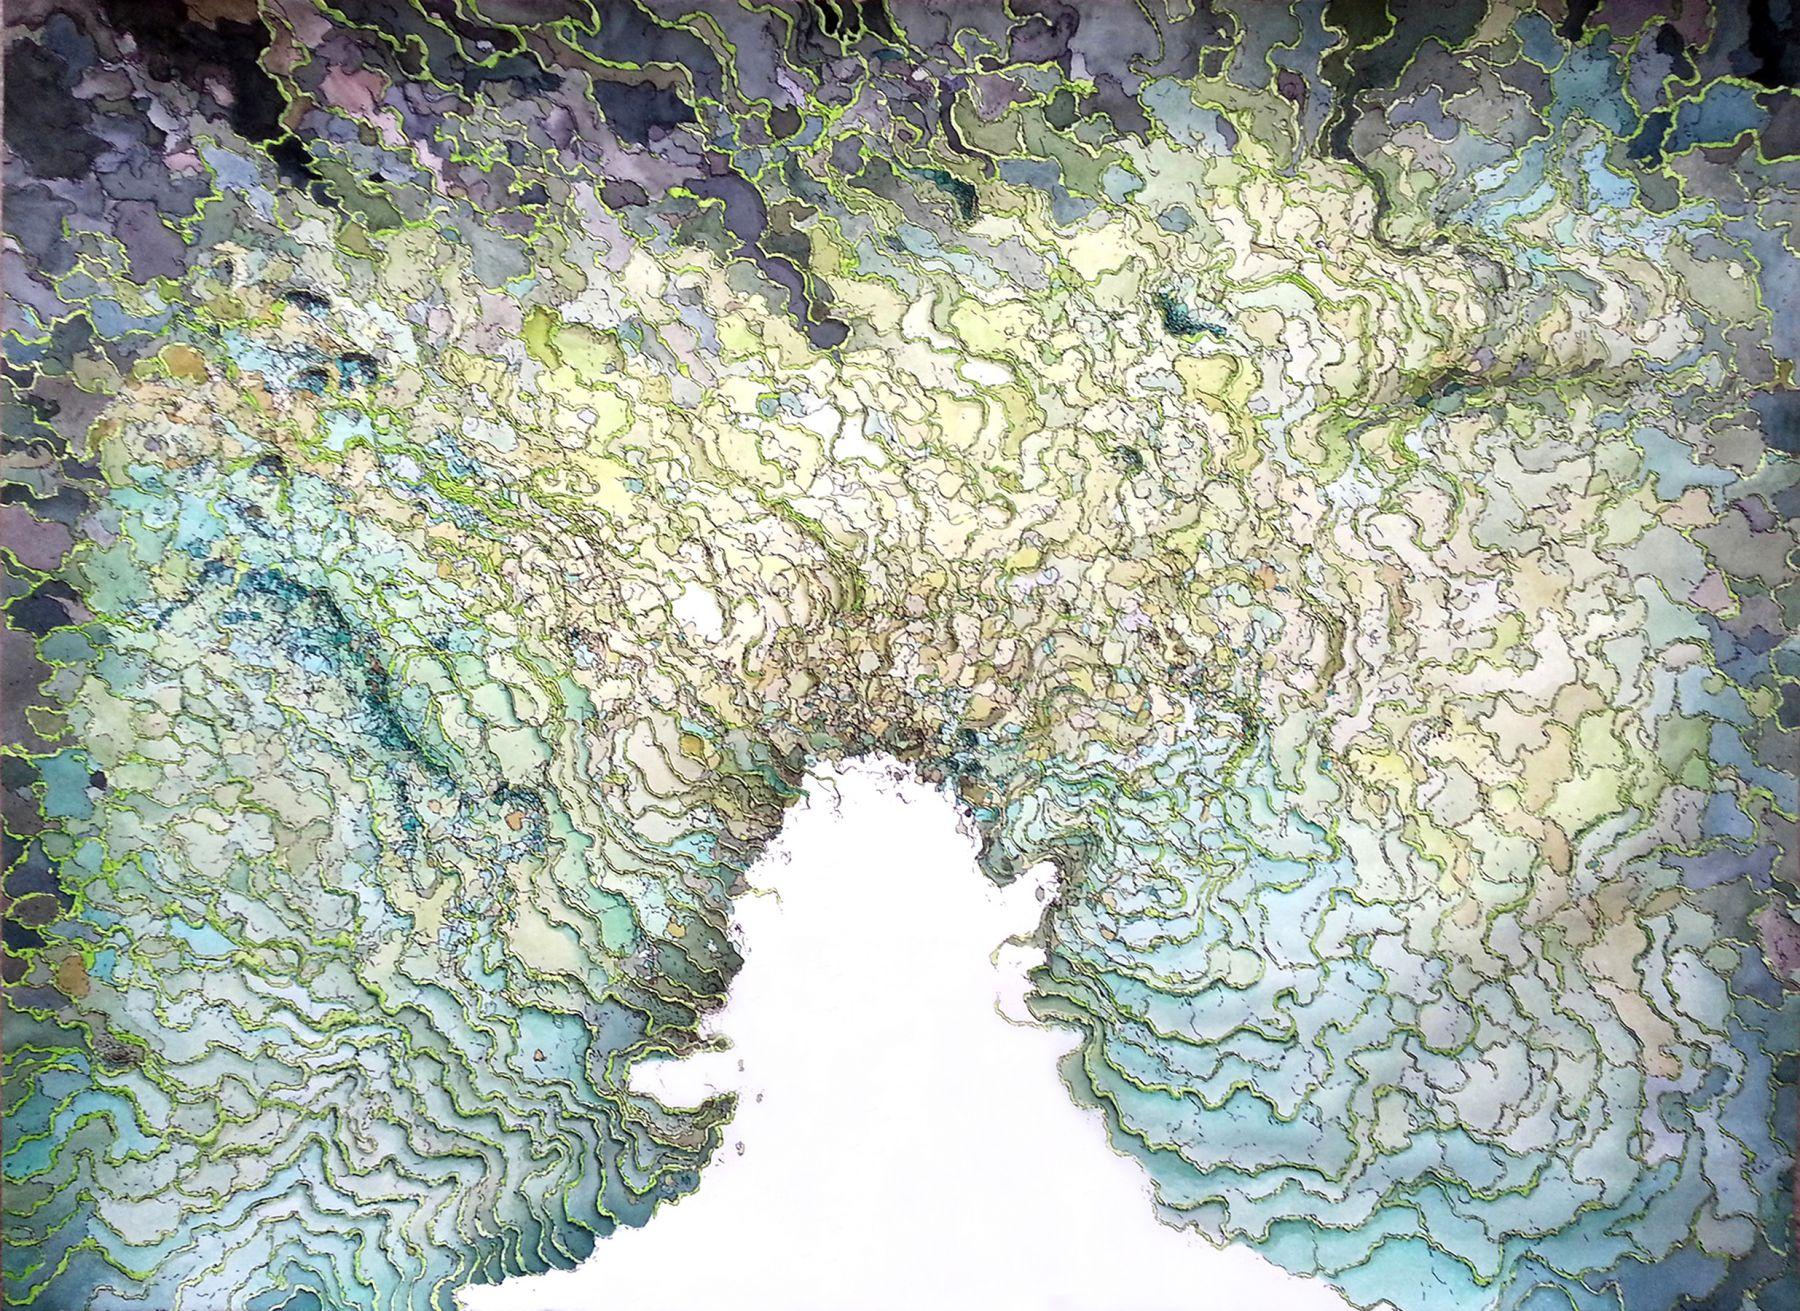 Becca Booker, Ridges- Greens & Yellows, 2015